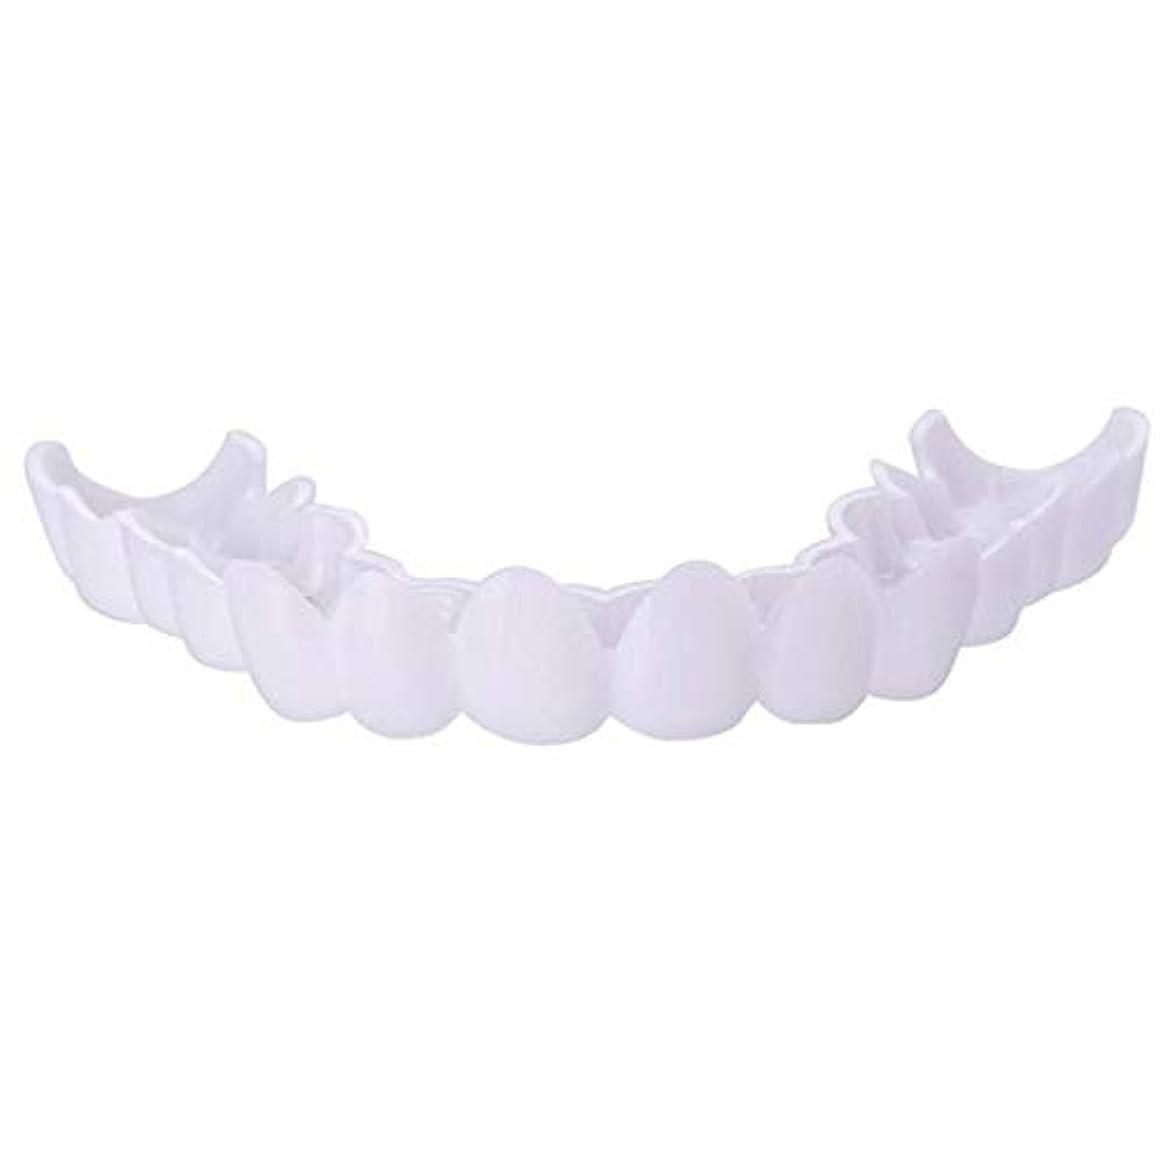 指導するモンゴメリー再現するシリコーンシミュレーション歯科用義歯スリーブ、上歯のホワイトニング,A